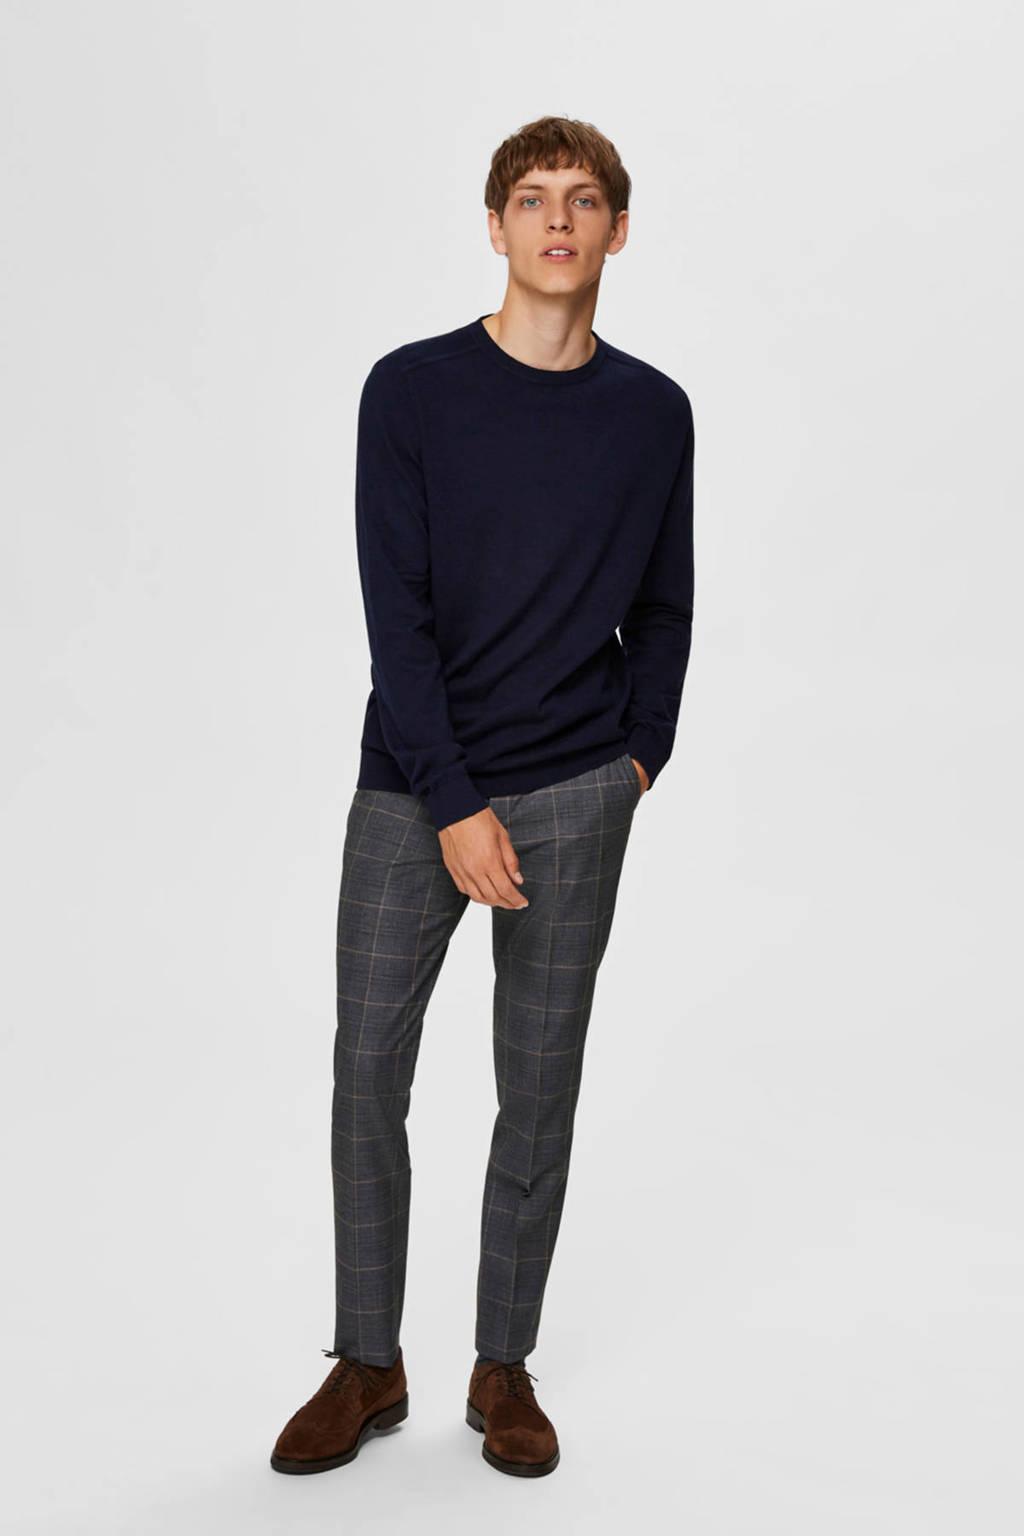 SELECTED HOMME fijngebreide trui donkerblauw, Donkerblauw